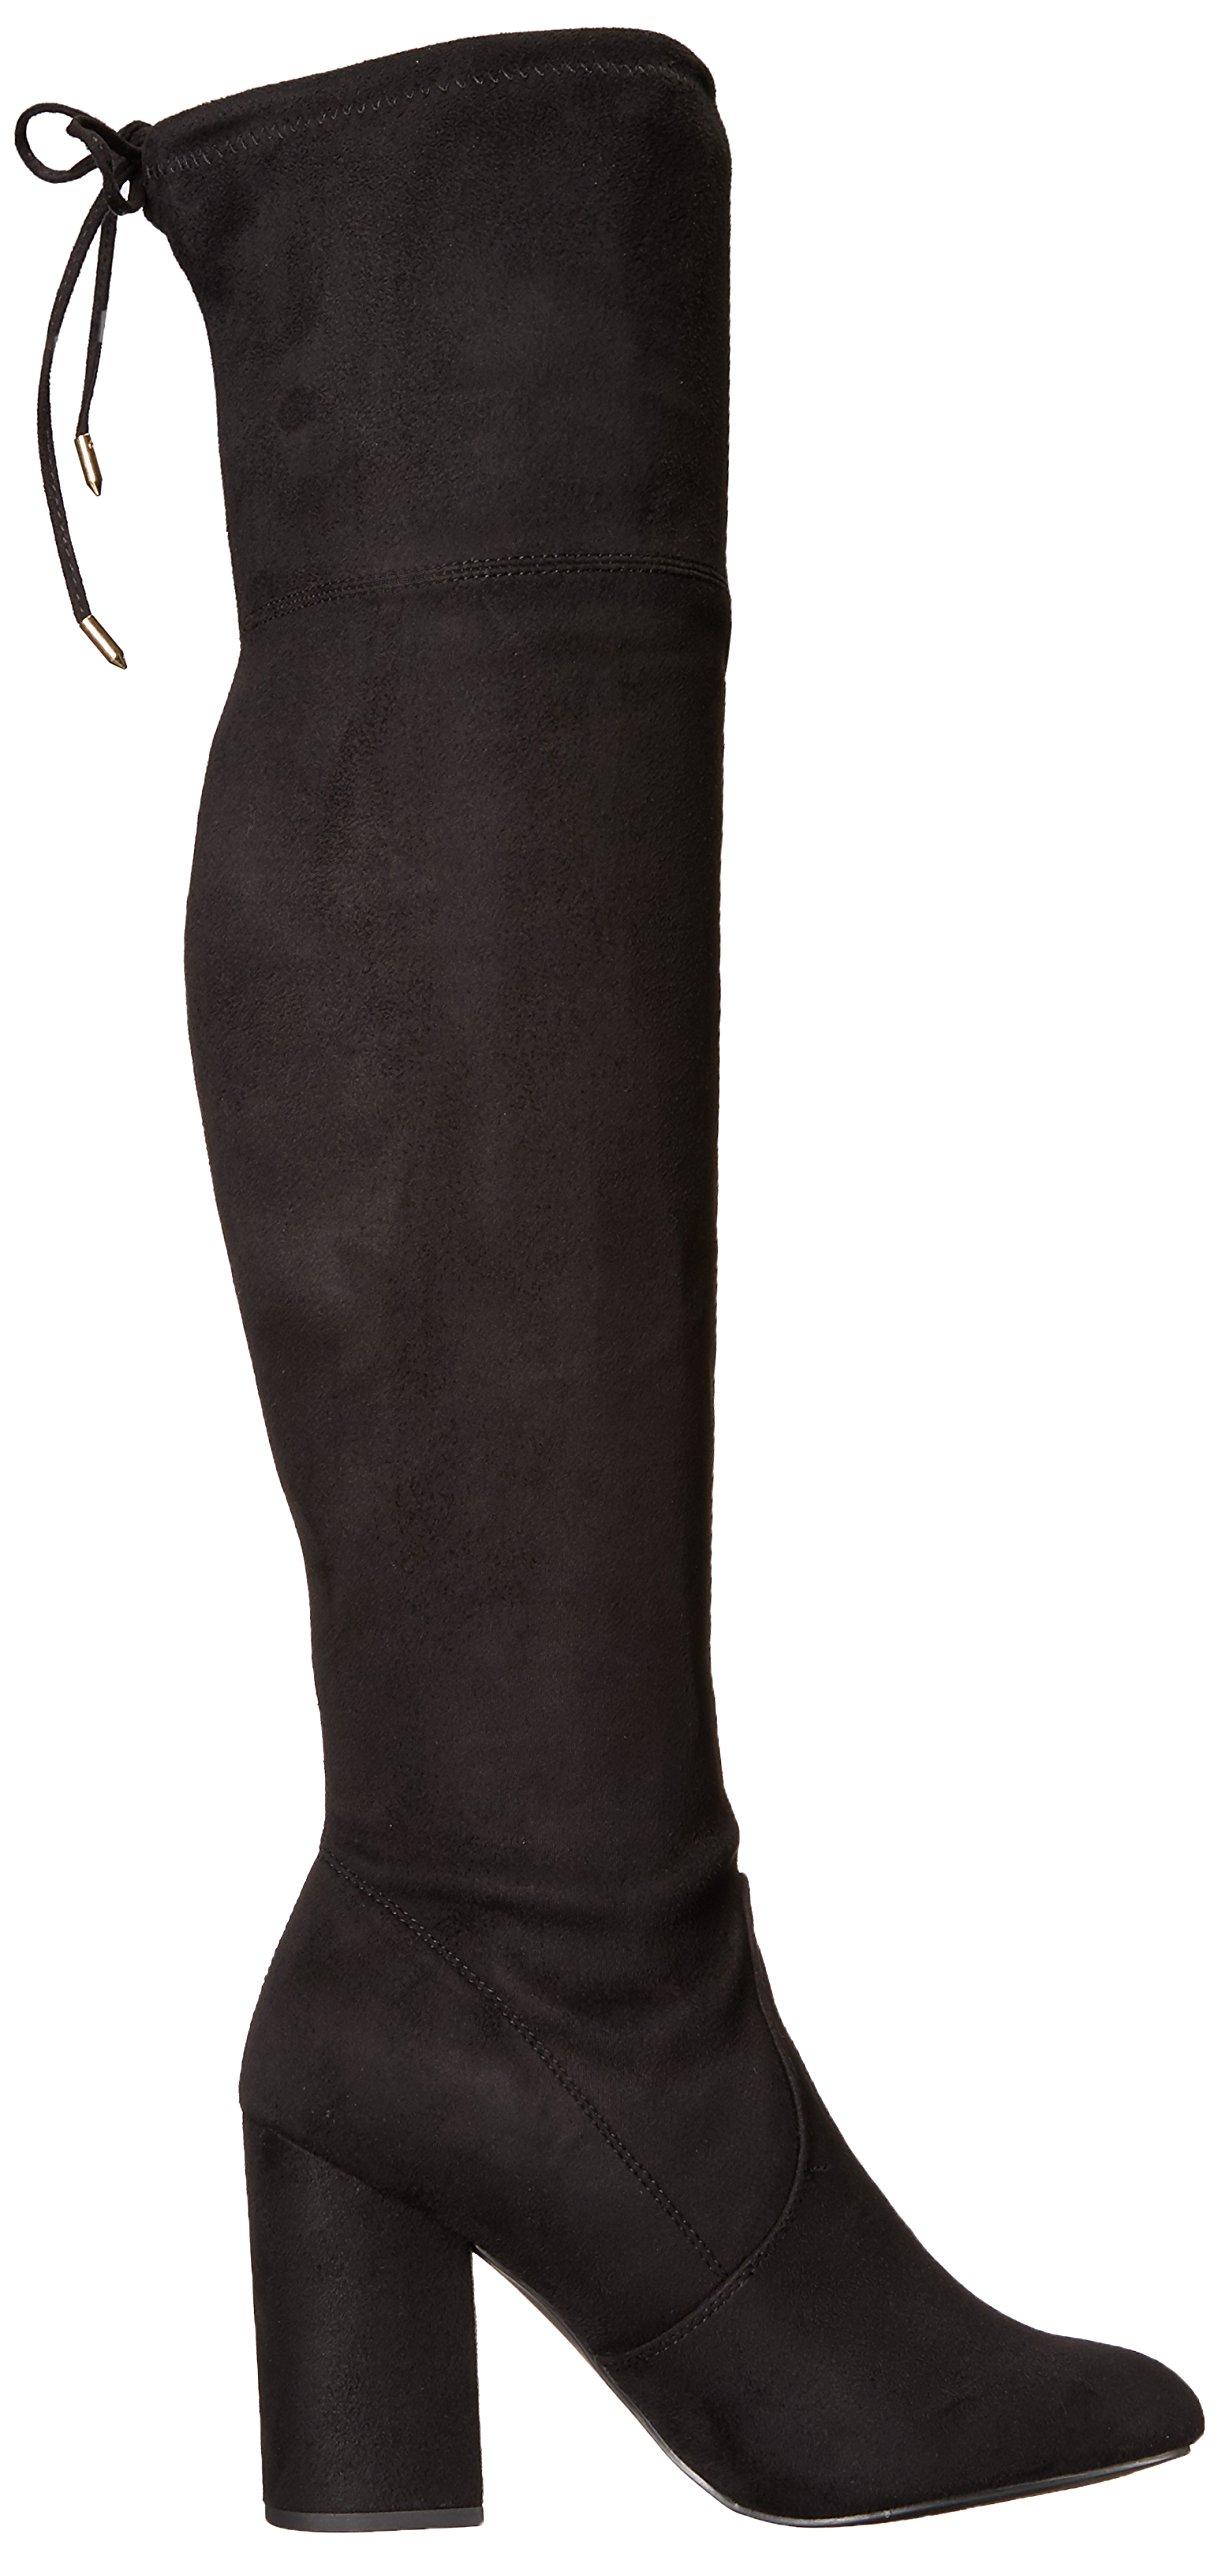 Steve Madden Women's Niela Over The Knee Boot, Black, 10 M US by Steve Madden (Image #7)